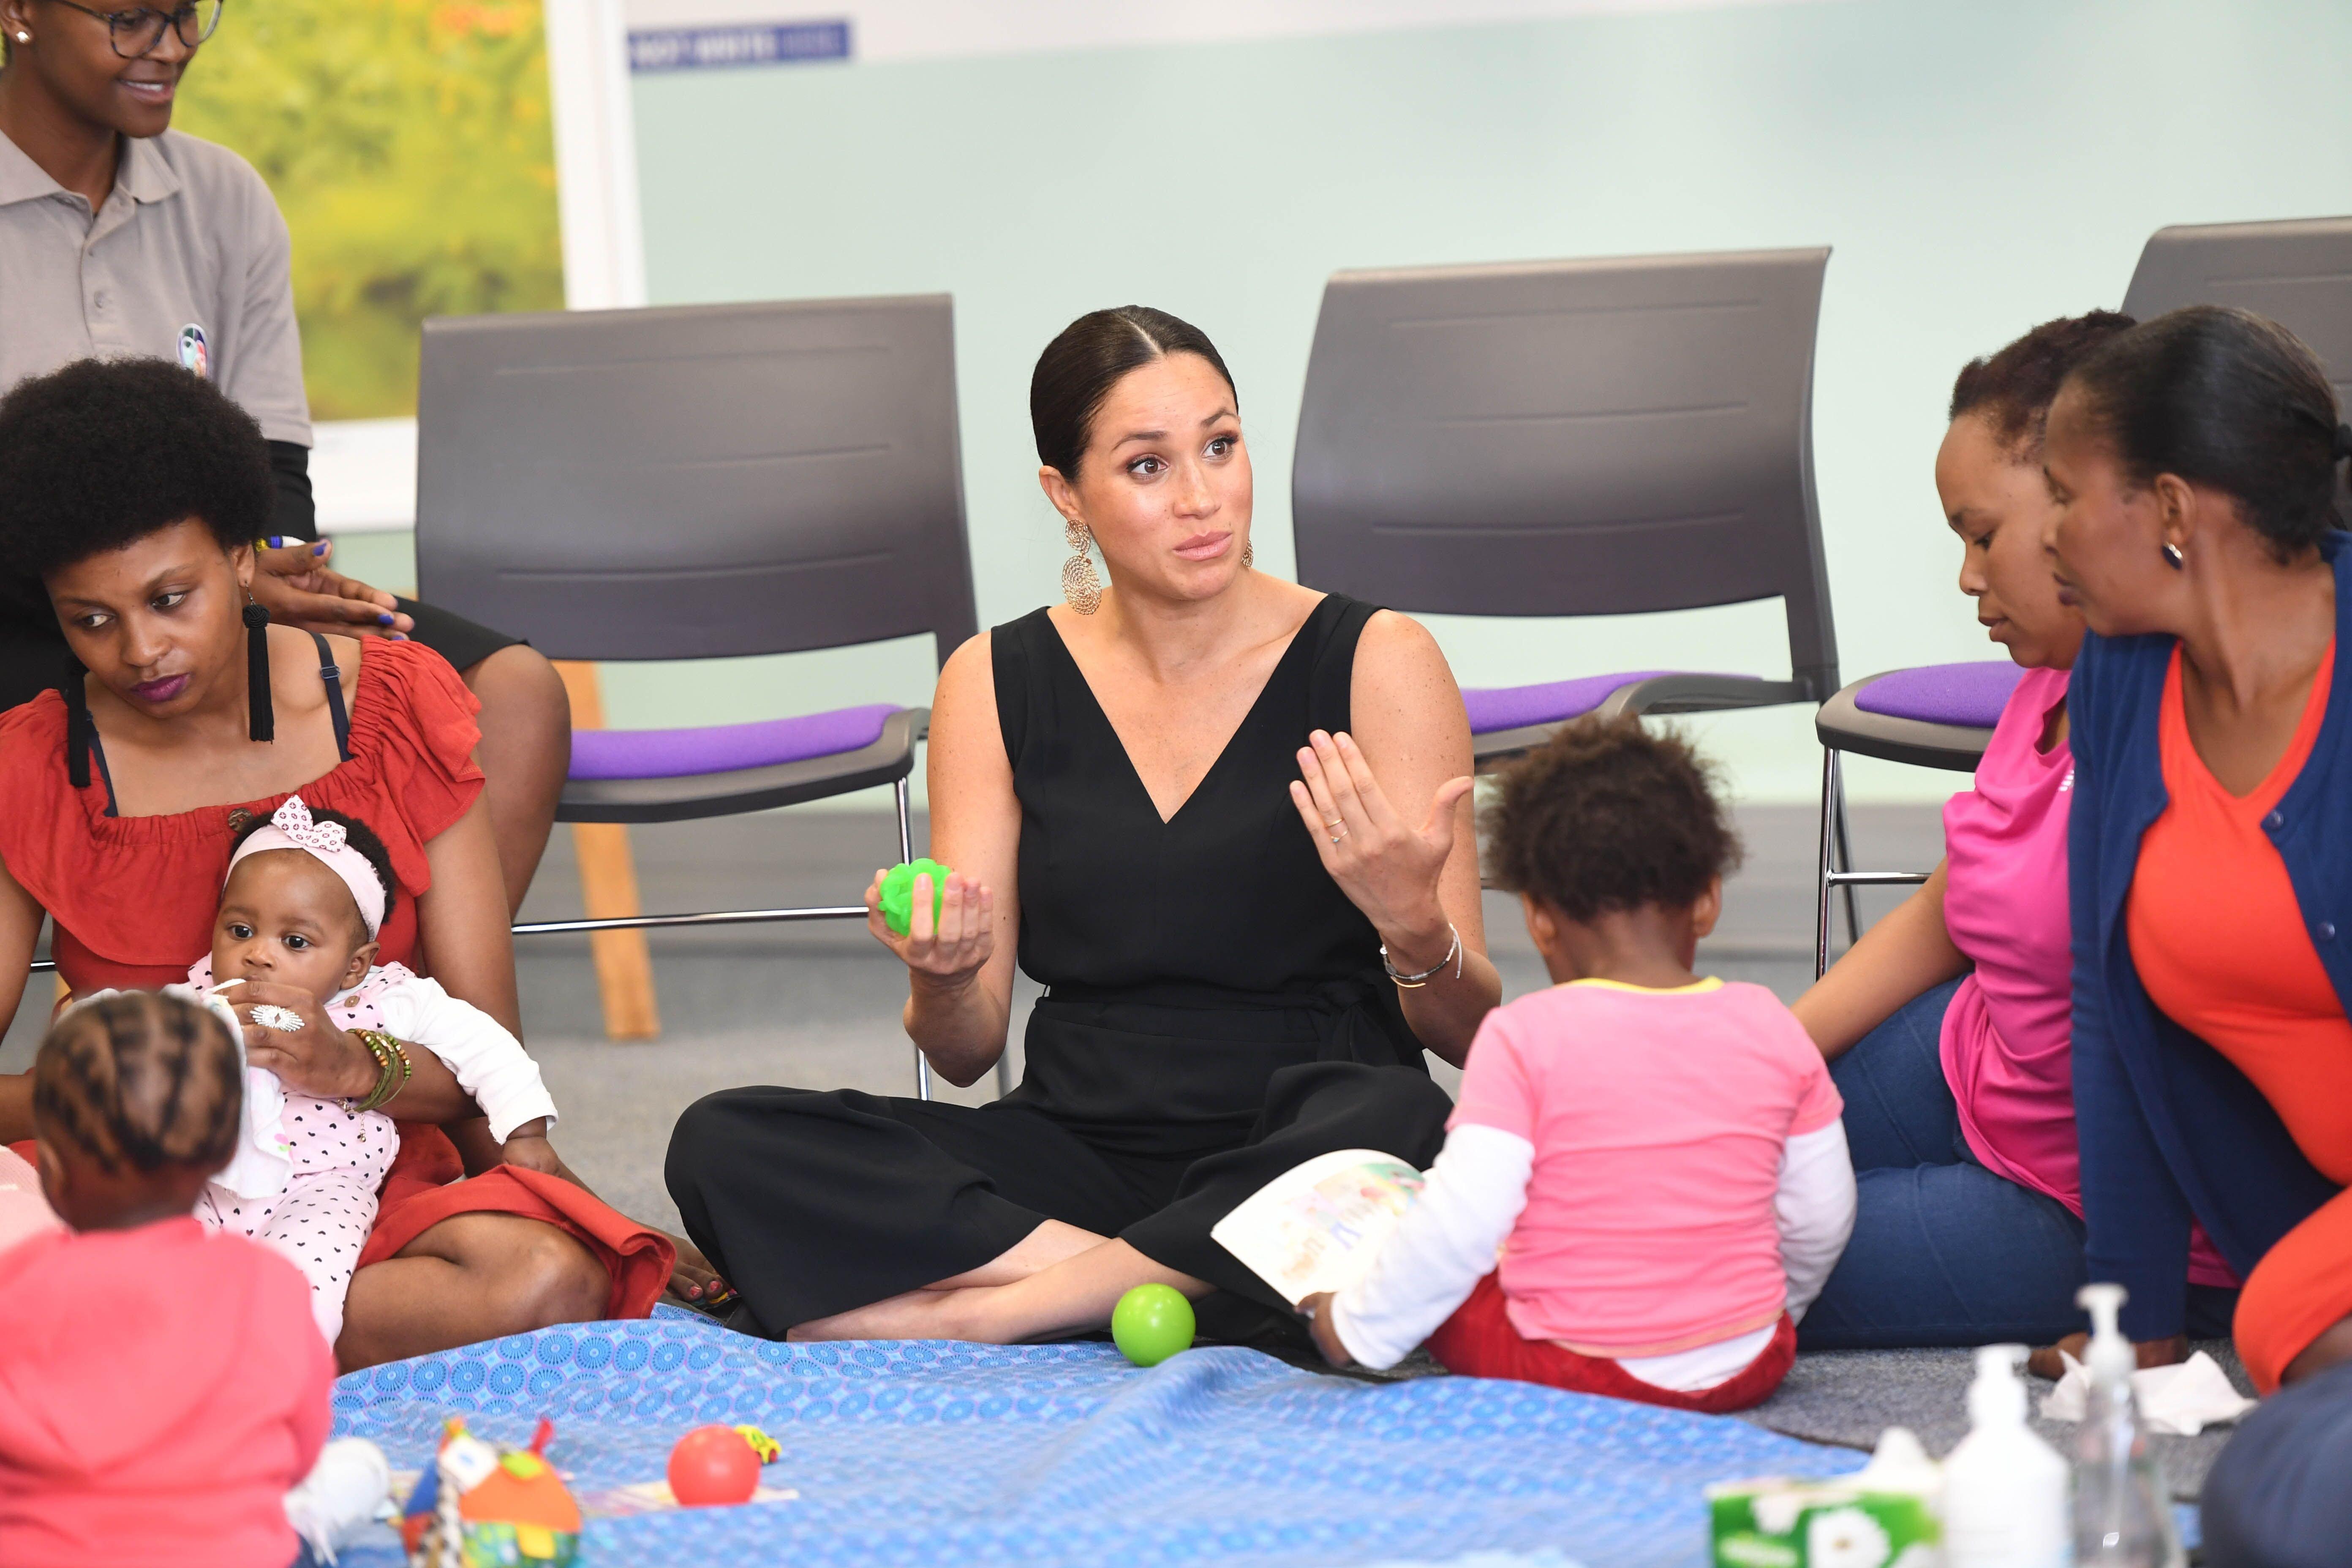 Meghan Markle rend visite à mothers2mothers pendant son voyage en Afrique du Sud.   Source : Getty Images